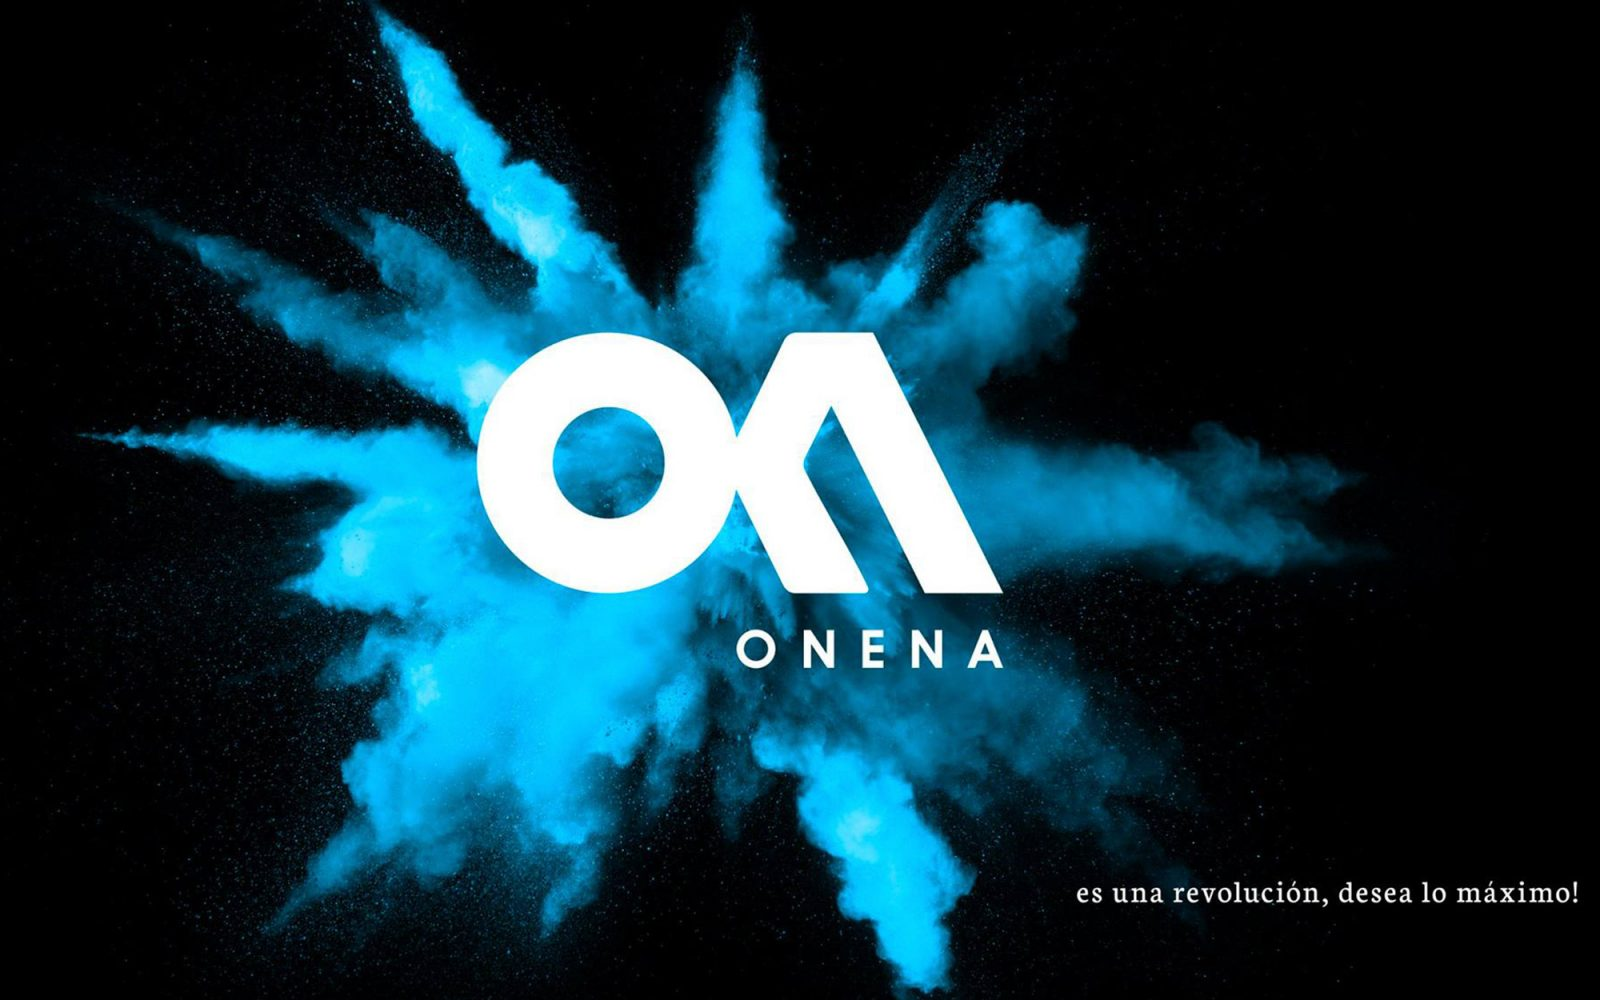 Marca de Onena